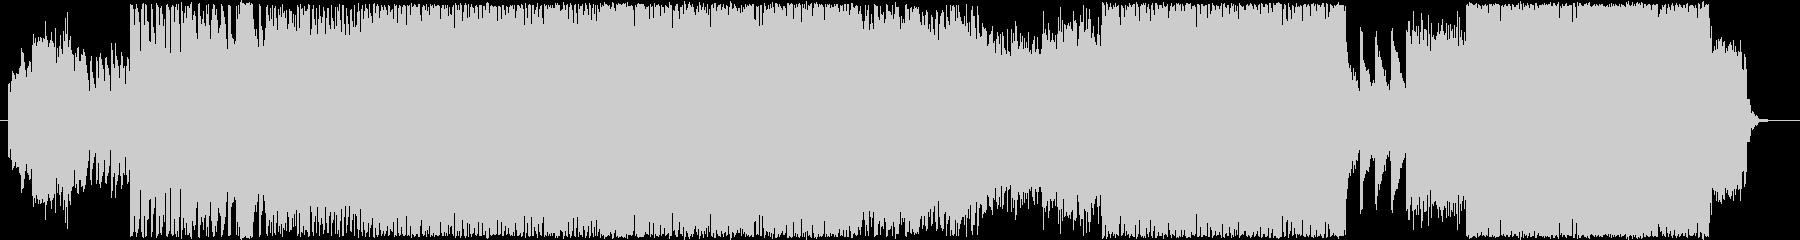 音ゲー風スピードコアの未再生の波形